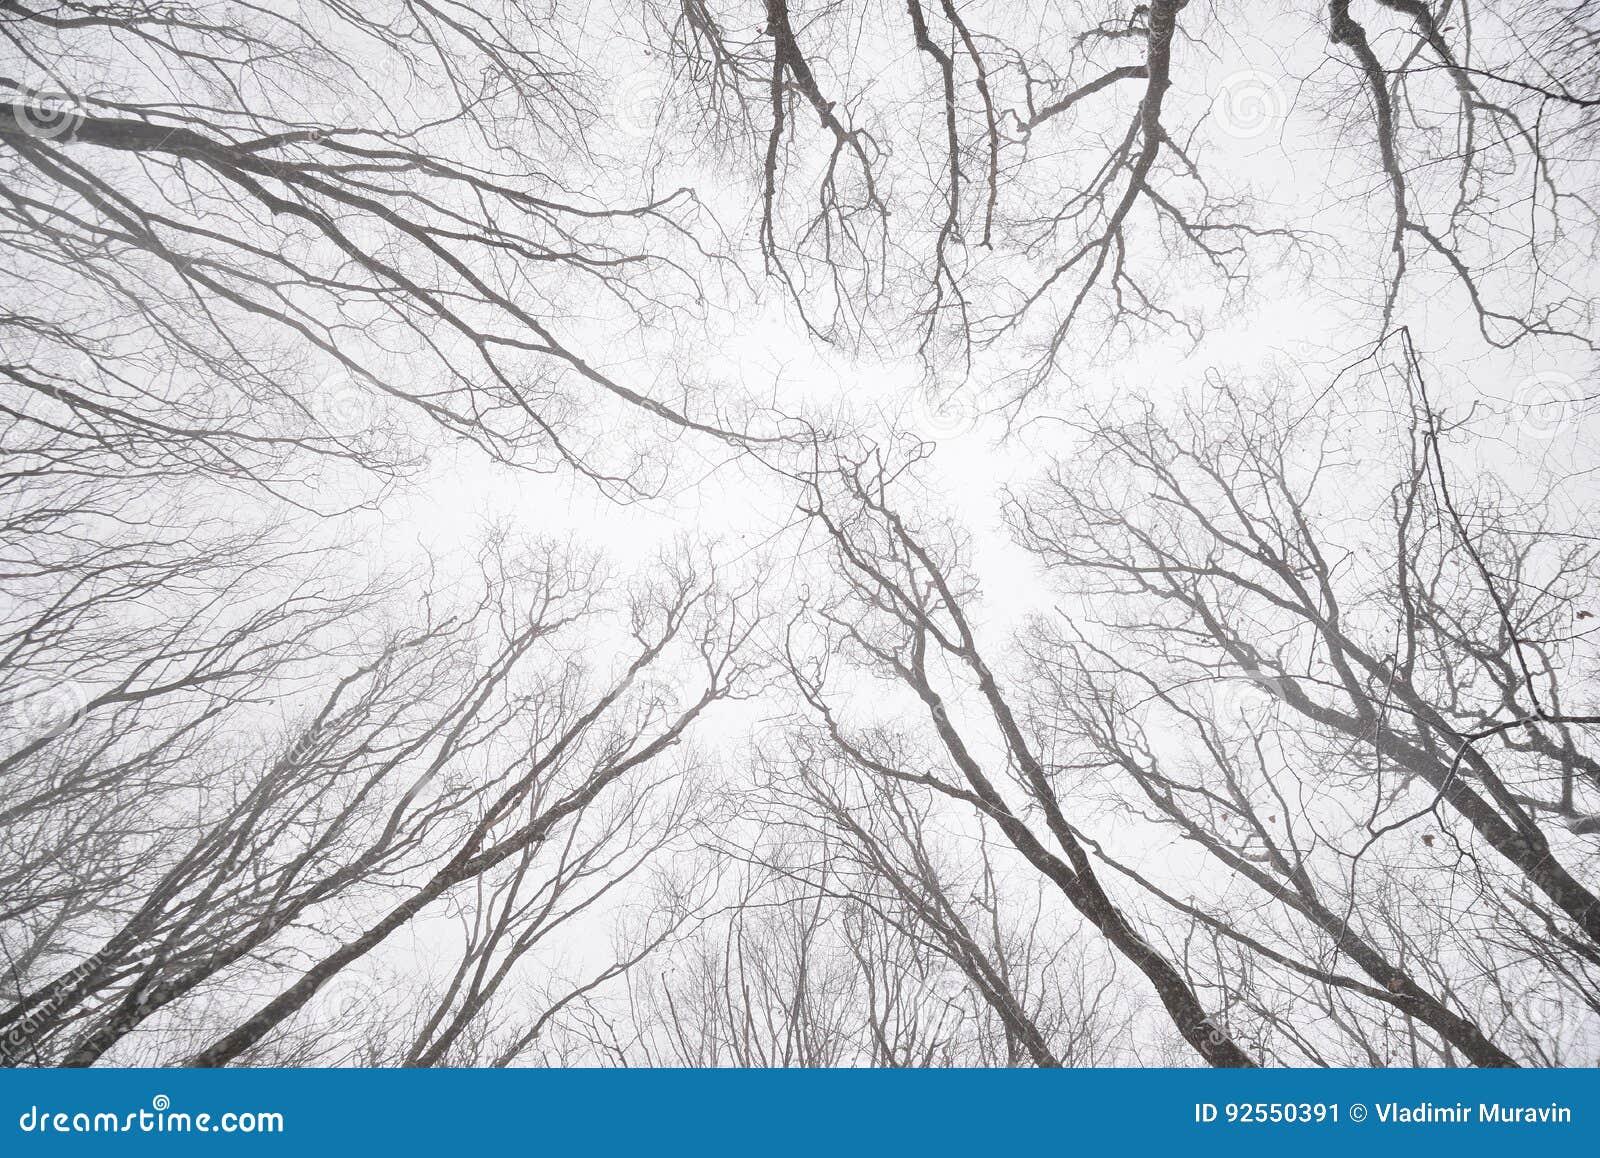 Rami nudi degli alberi nella foresta di inverno